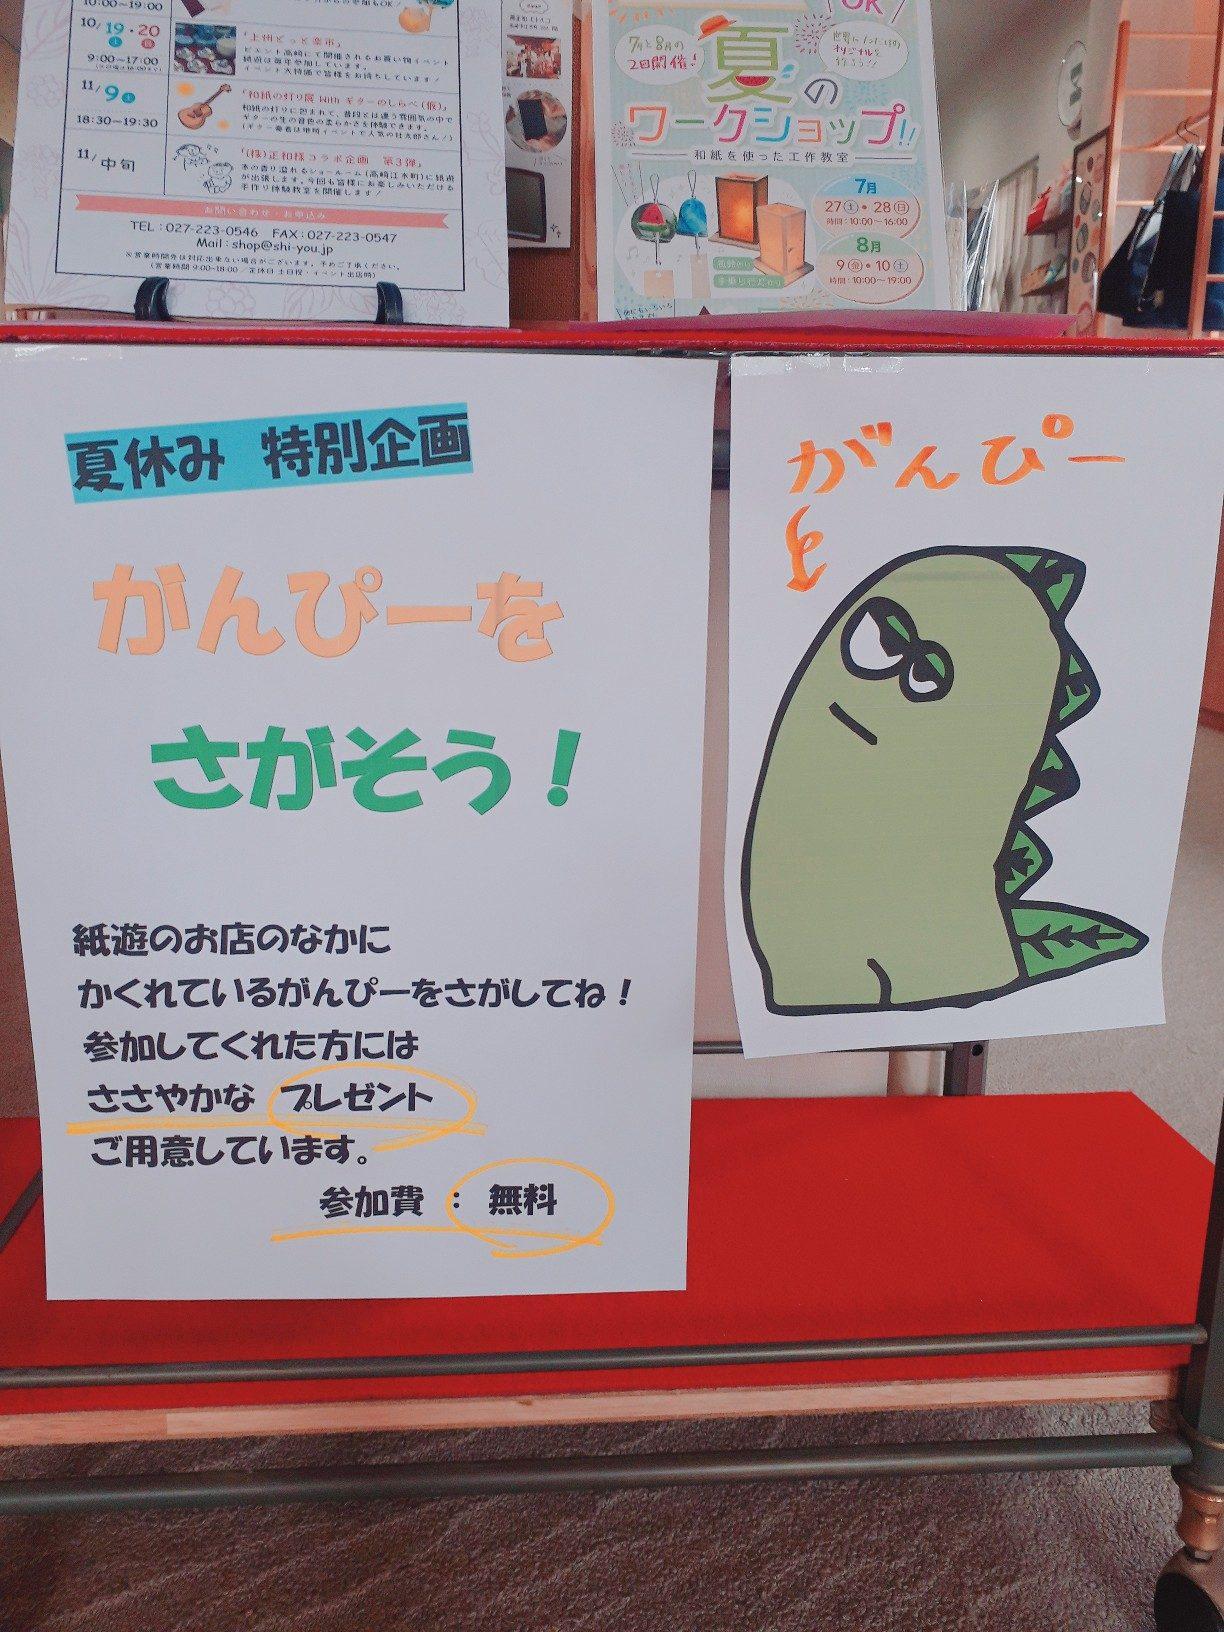 夏休み特別企画 開催中!